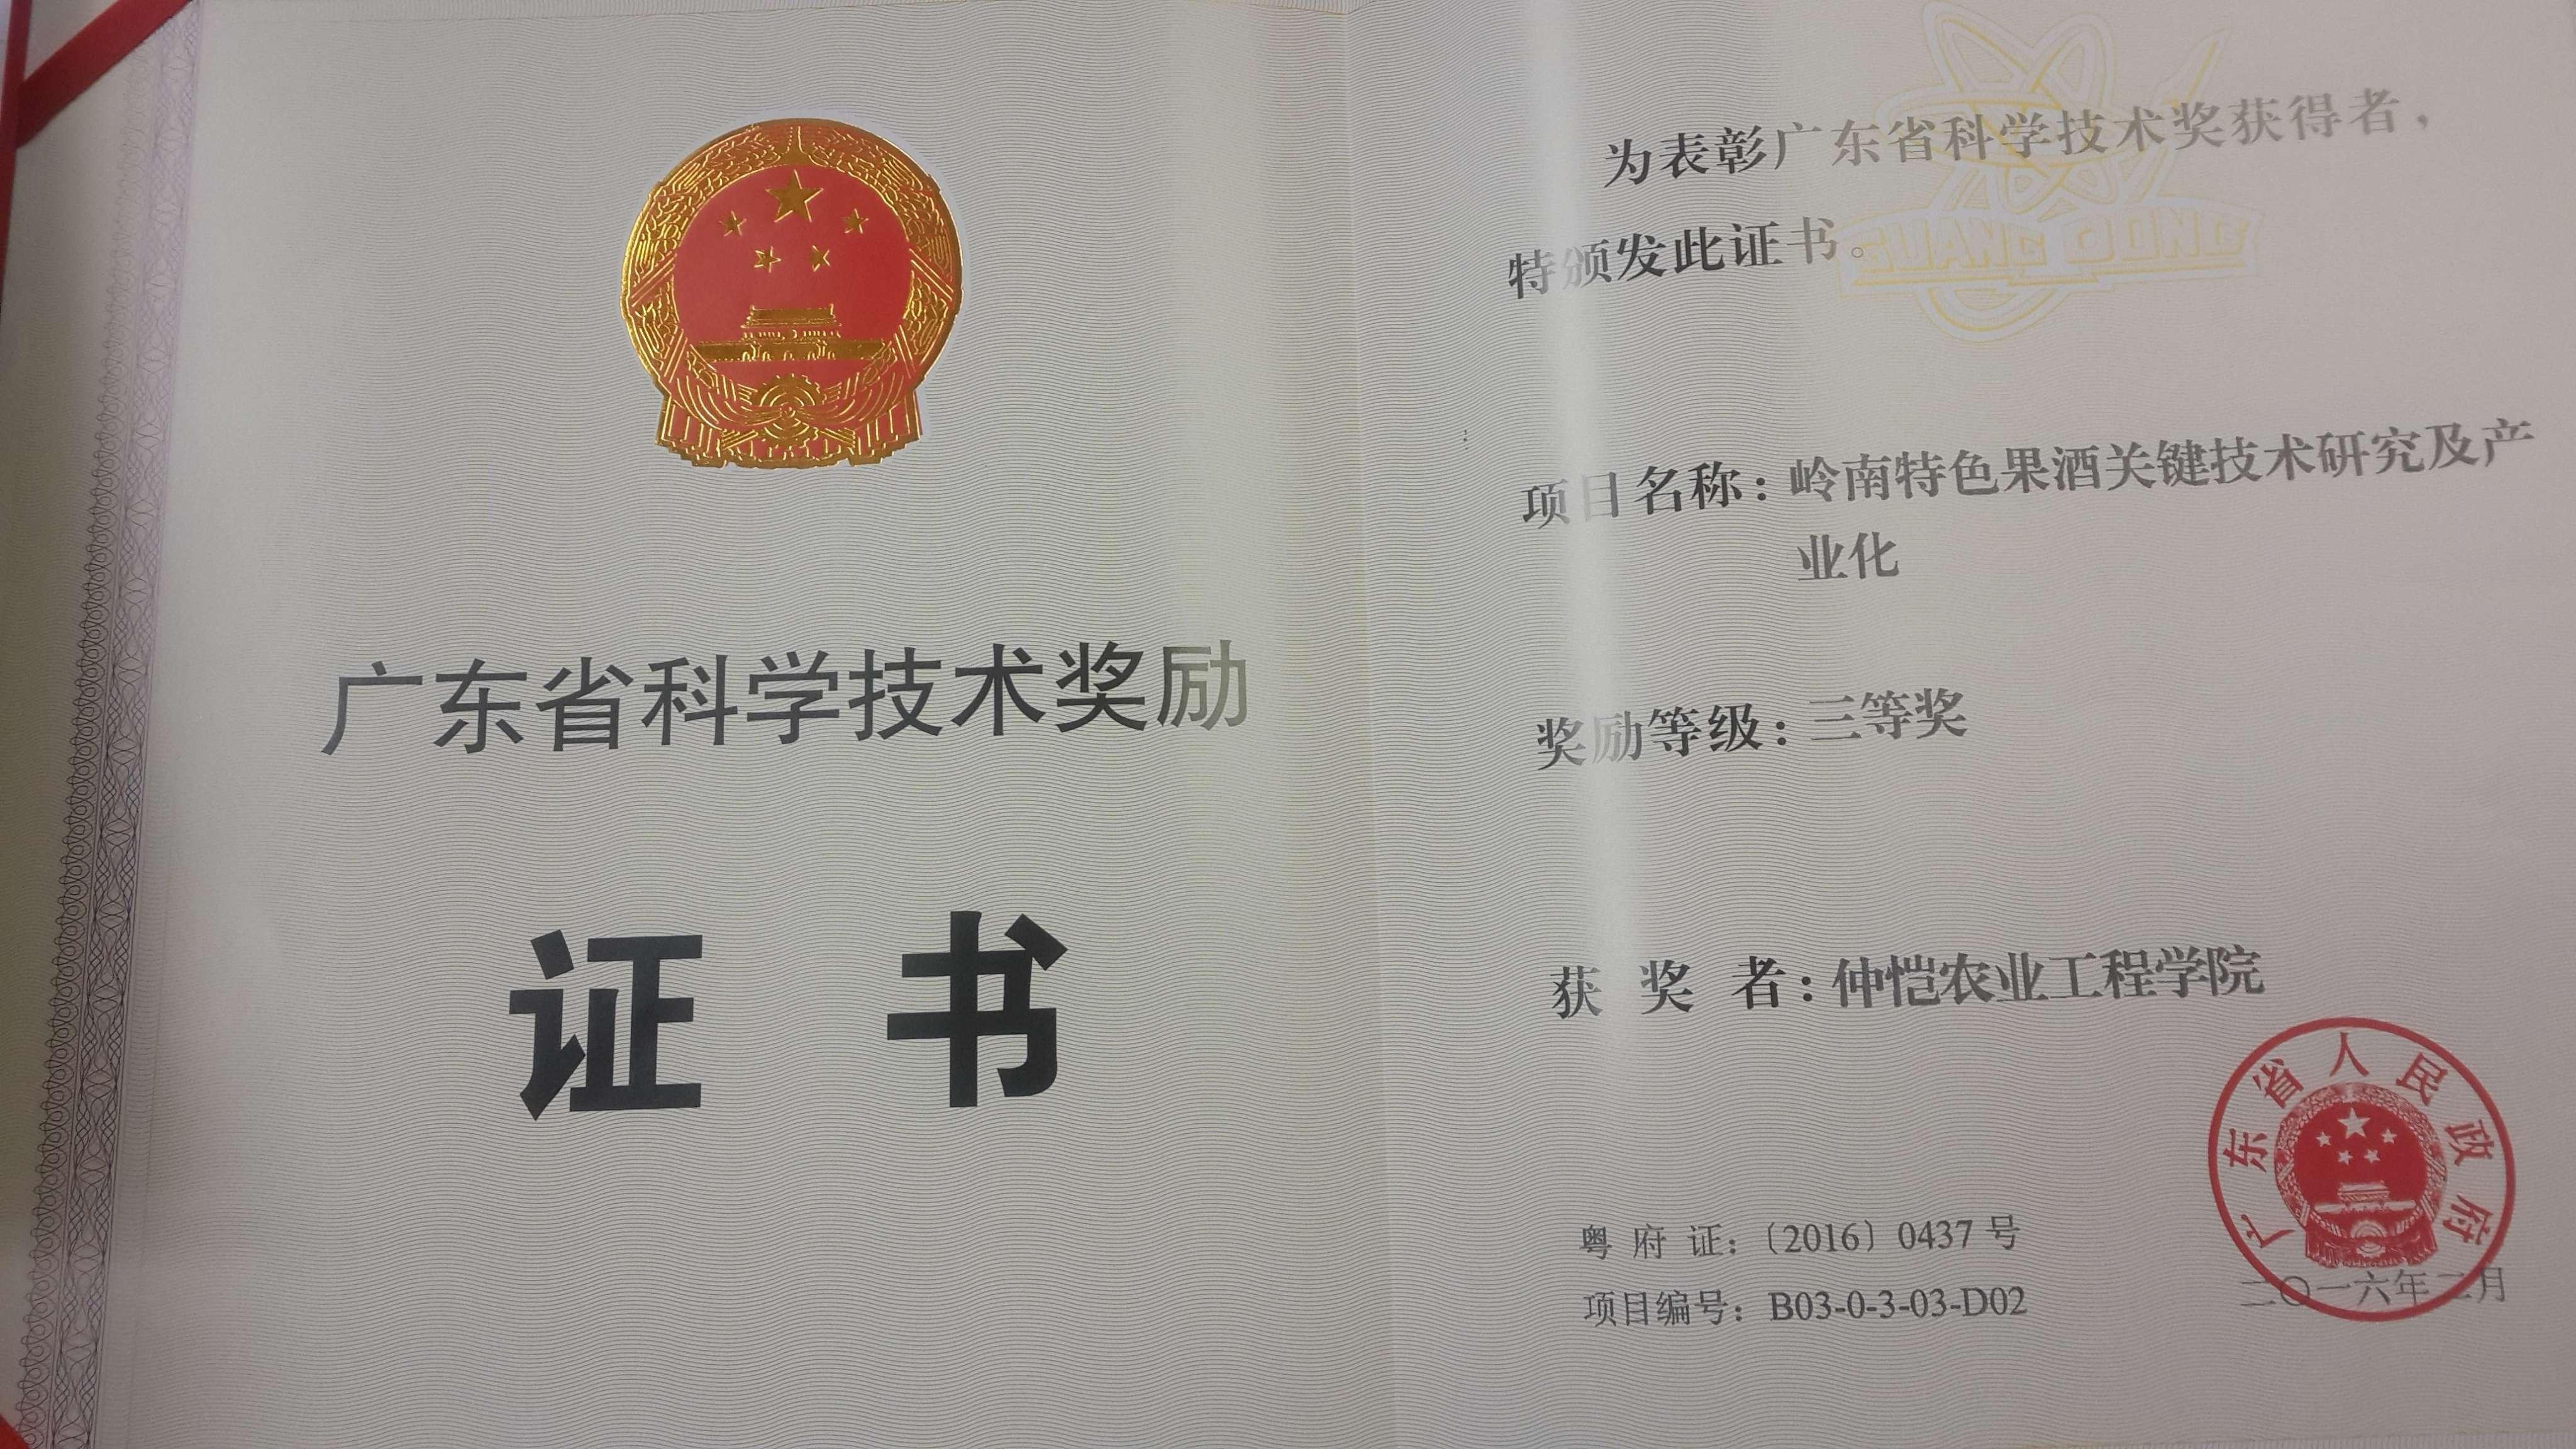 岭南特色果酒关键技术研究及产业化-三等奖-仲恺农业工程学院